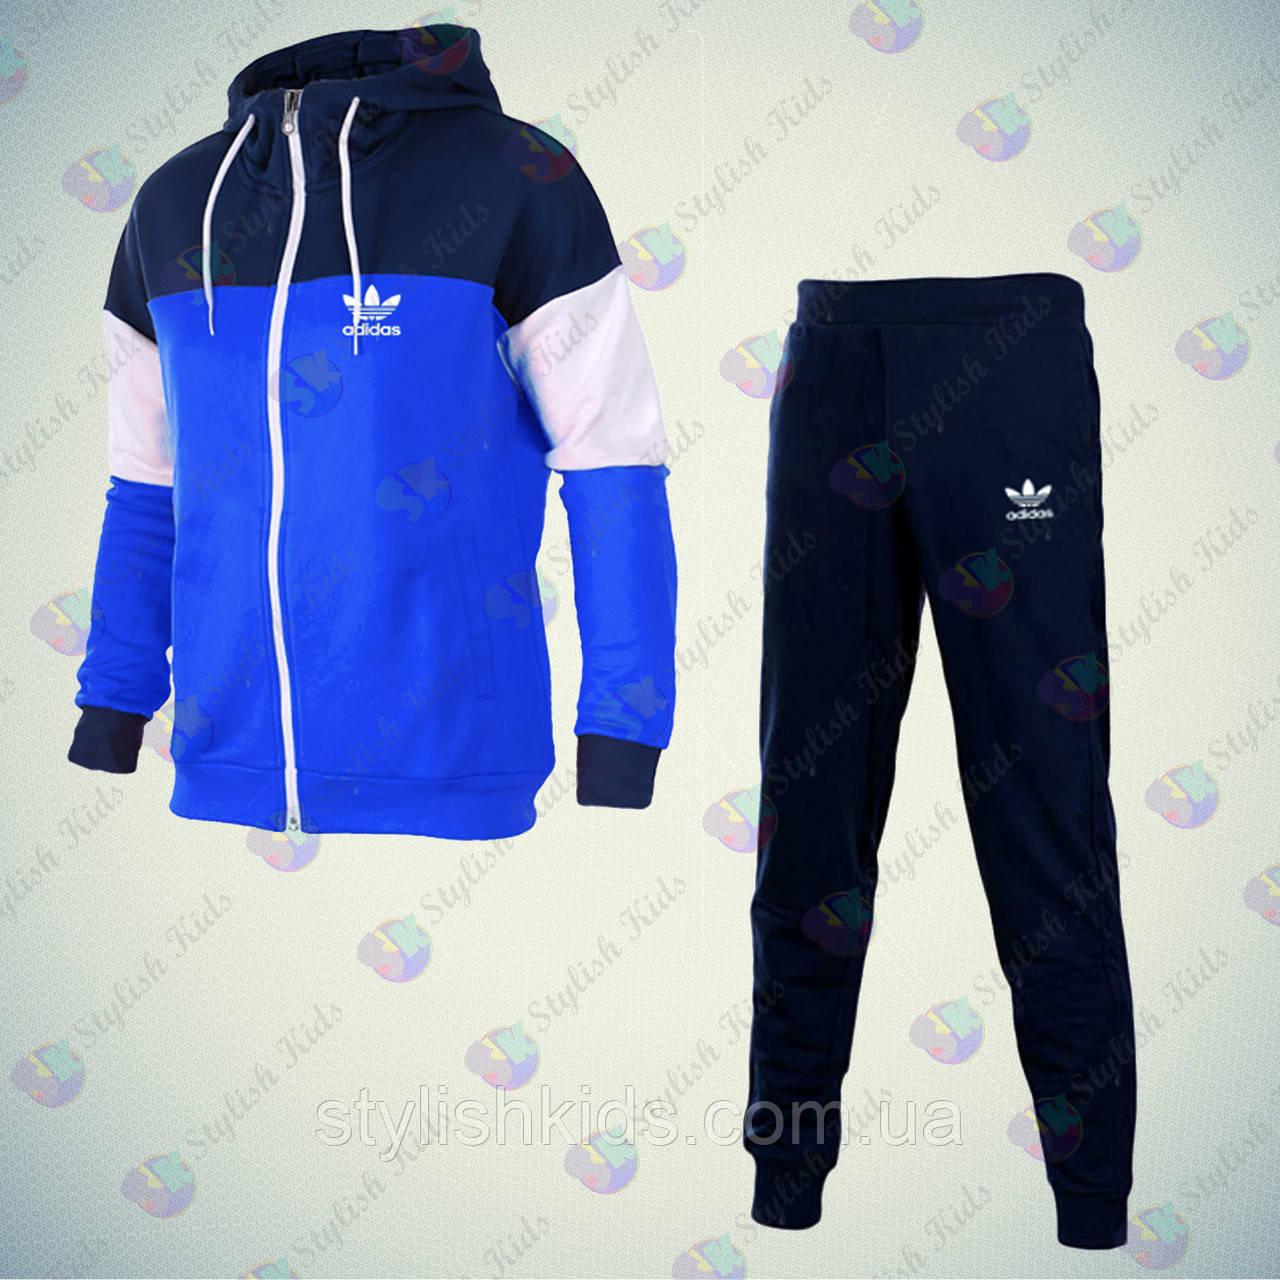 9be1d70b860d00 Купить спортивный костюм подростковый adidas 9 лет-15 лет.Спортивный костюм  на мальчика купить